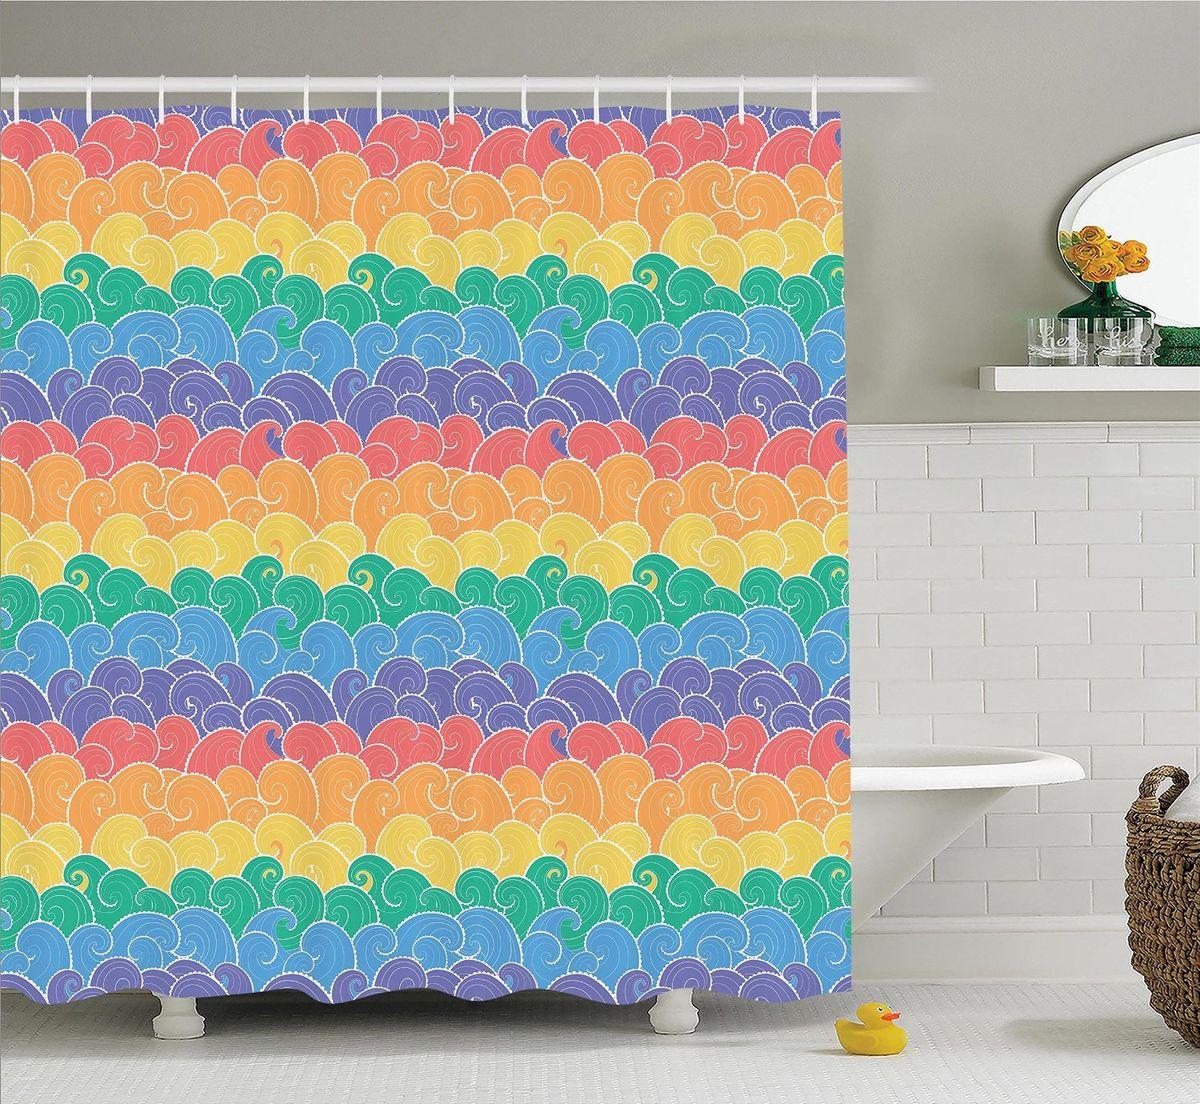 Штора для ванной комнаты Magic Lady Цветные волны, 180 х 200 смшв_12536Штора Magic Lady Цветные волны, изготовленная из высококачественного сатена (полиэстер 100%), отлично дополнит любой интерьер ванной комнаты. При изготовлении используются специальные гипоаллергенные чернила для прямой печати по ткани, безопасные для человека.В комплекте: 1 штора, 12 крючков. Обращаем ваше внимание, фактический цвет изделия может незначительно отличаться от представленного на фото.